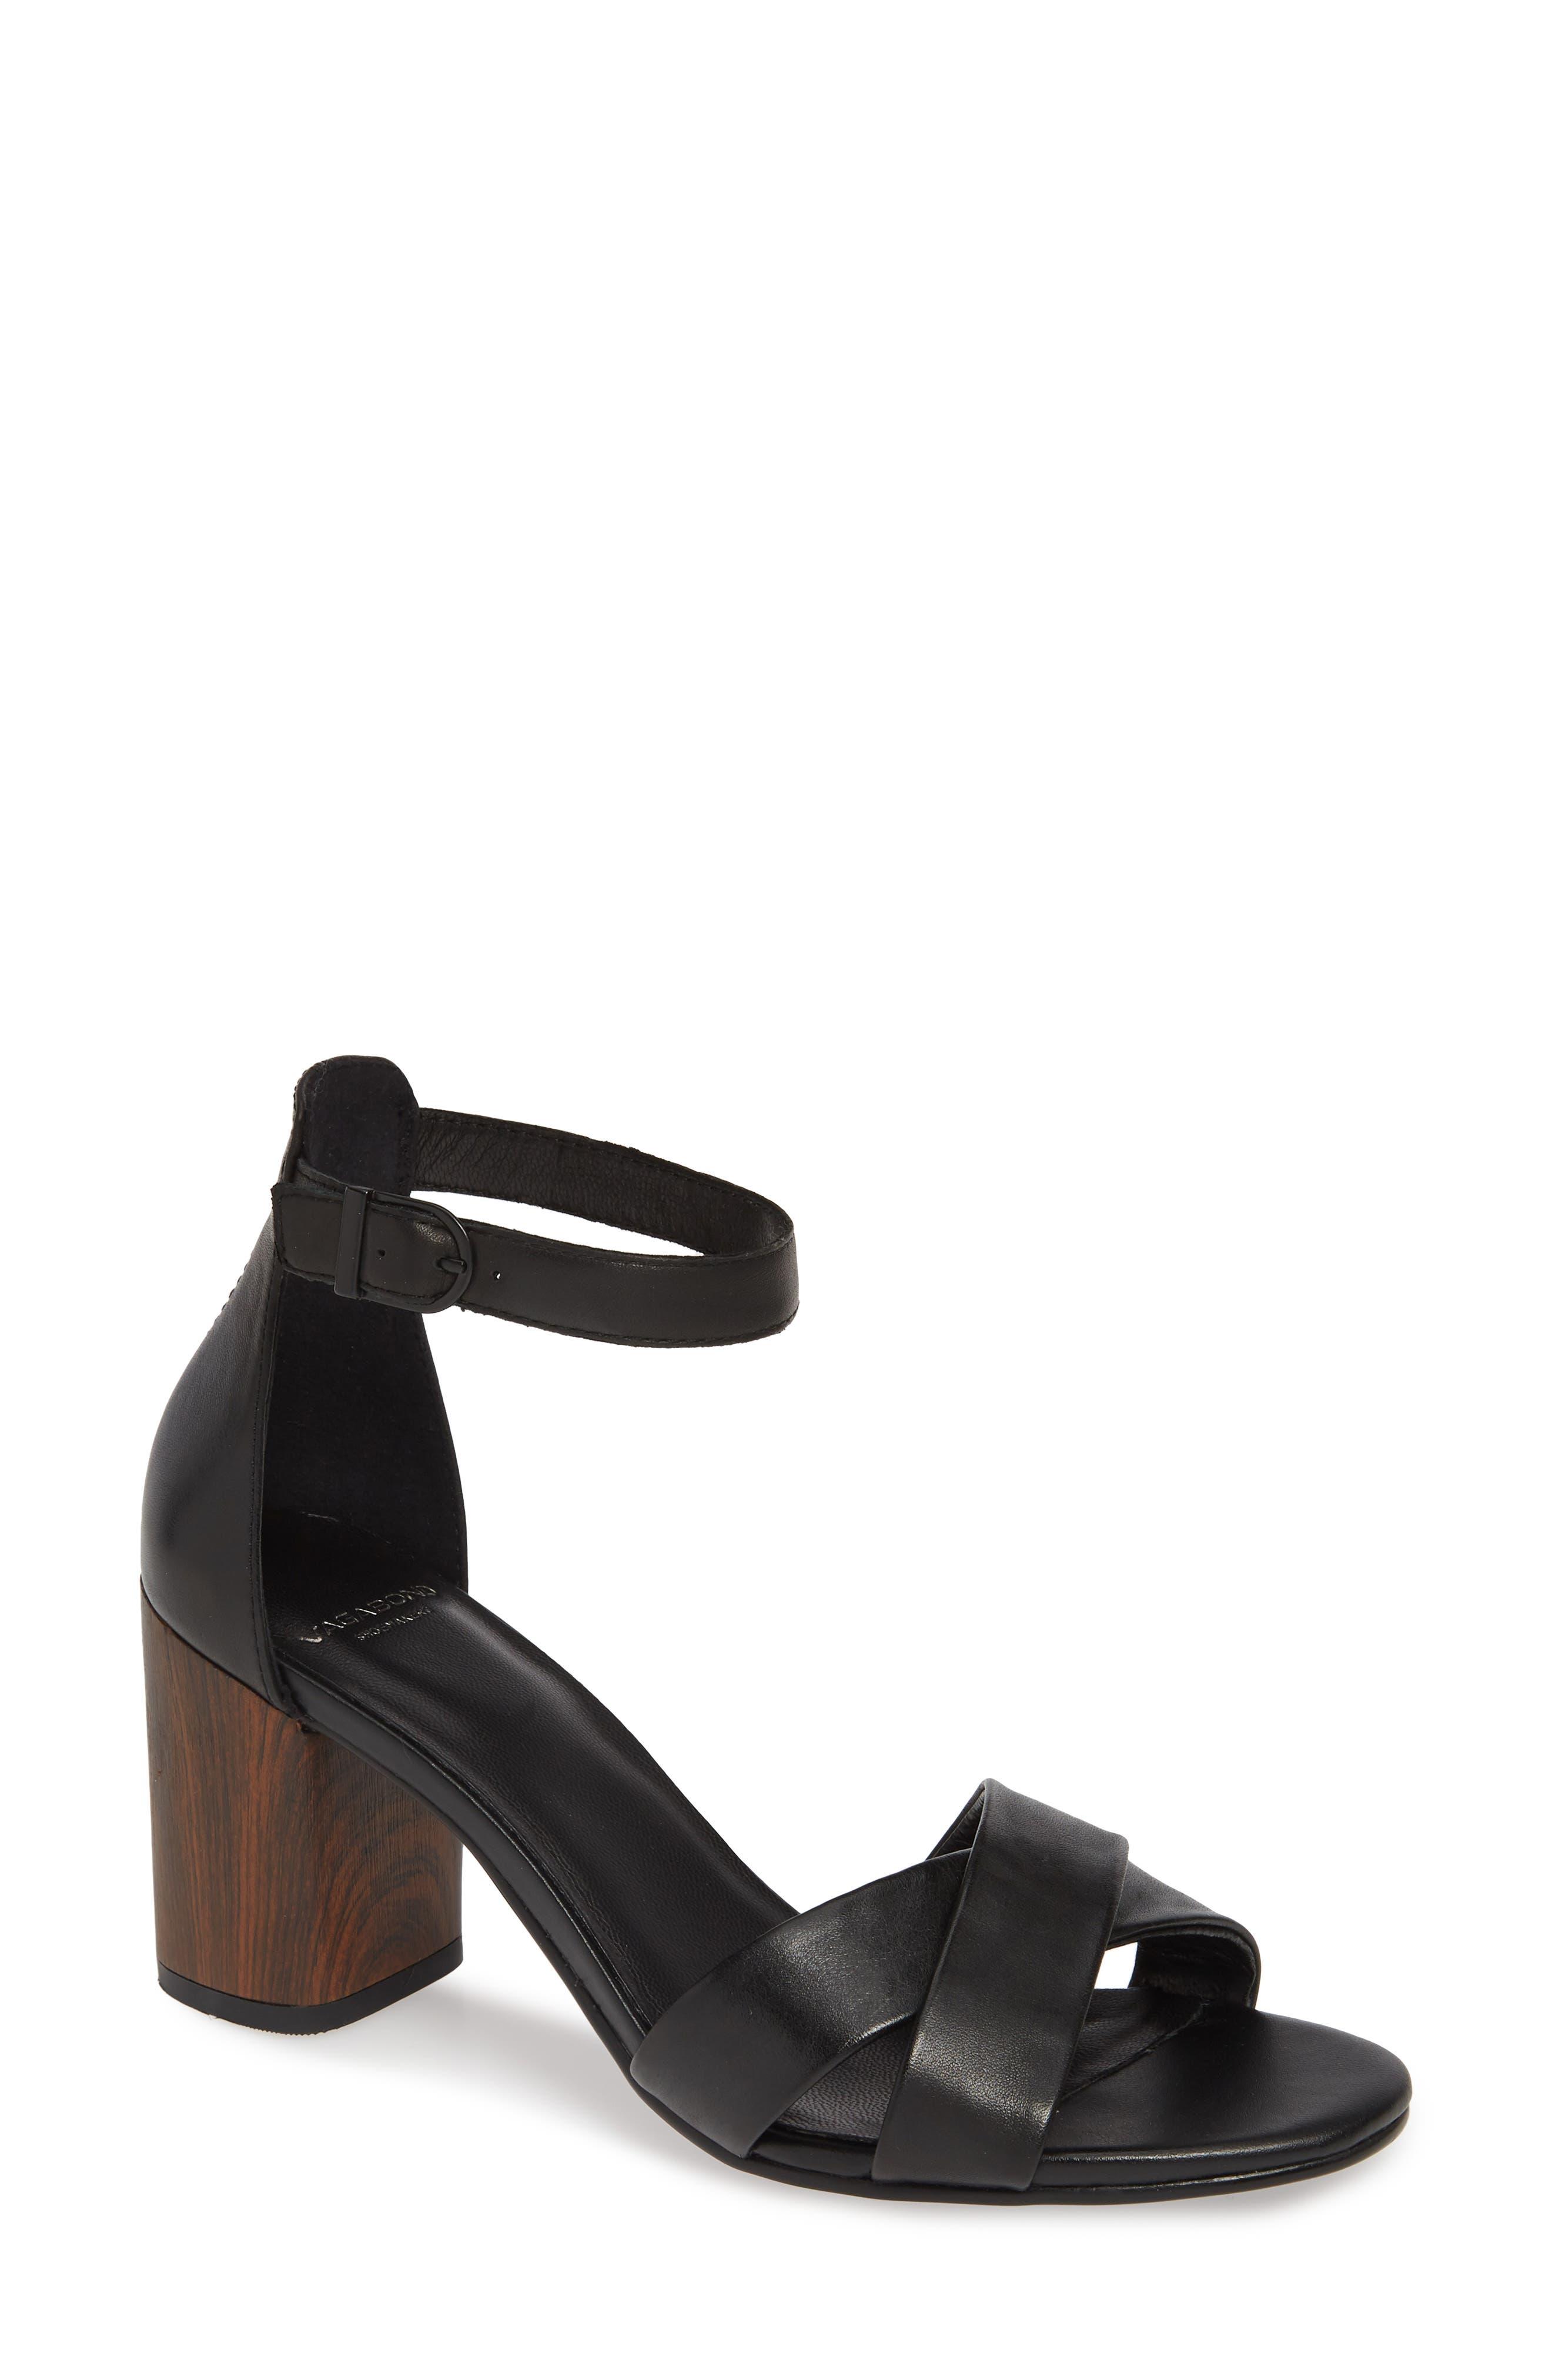 af224c6286 Vagabond Shoemakers Carol Ankle Strap Sandal, Black